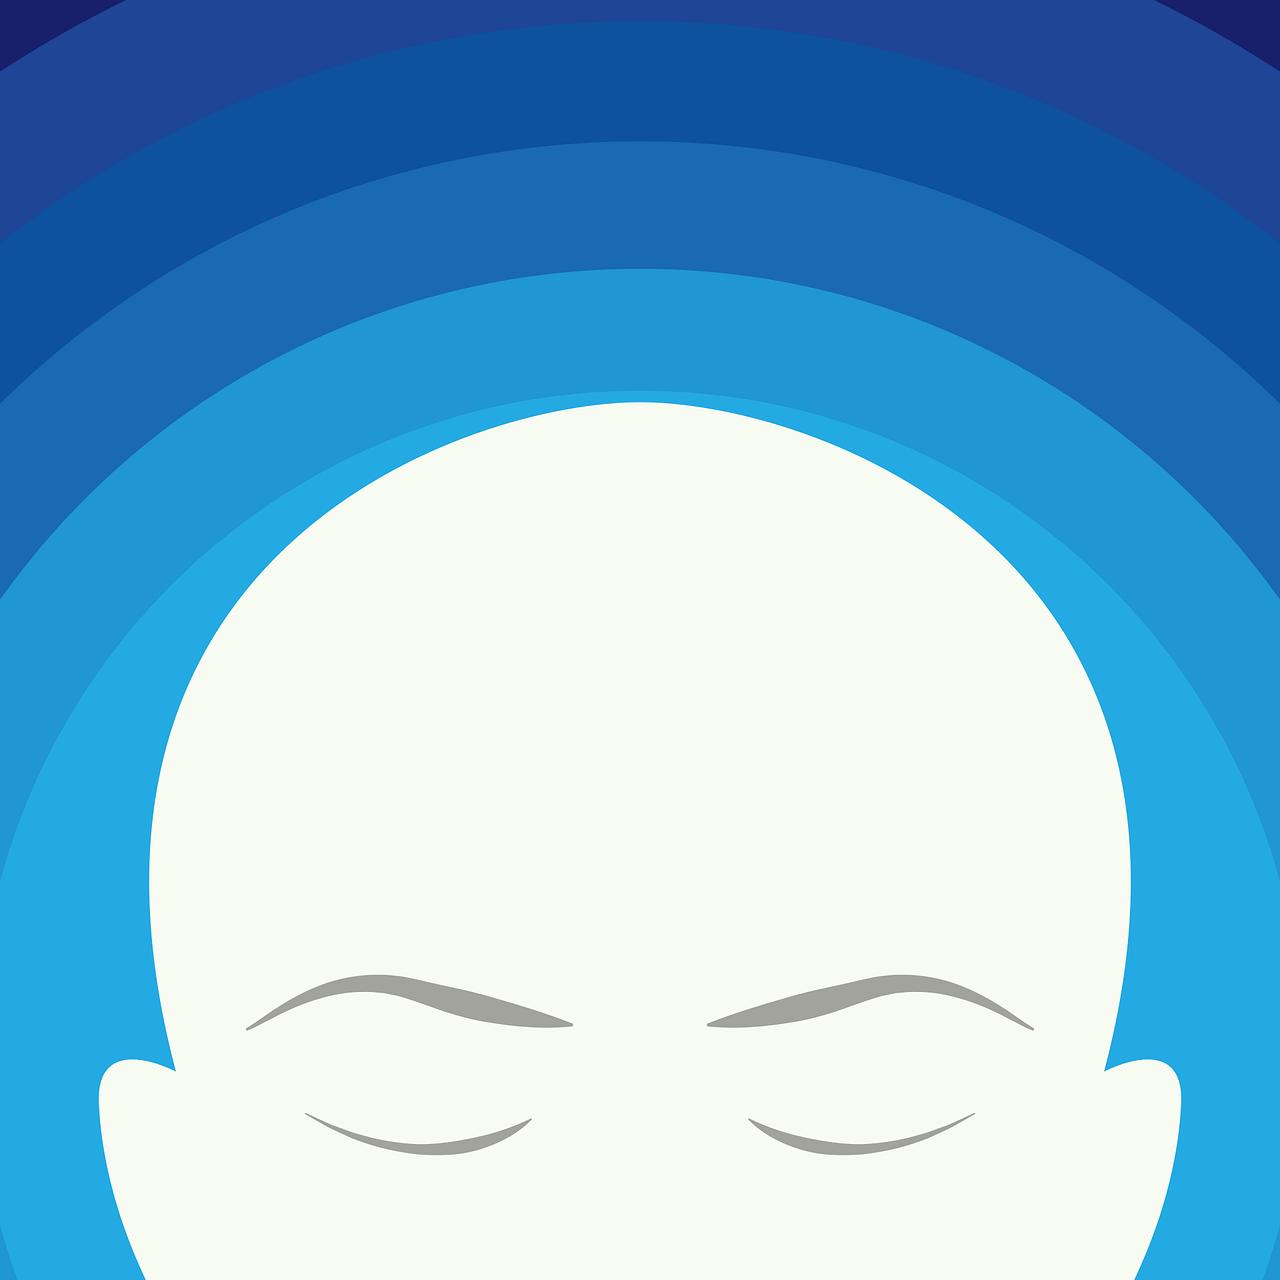 povezanost i mudrost u glavi